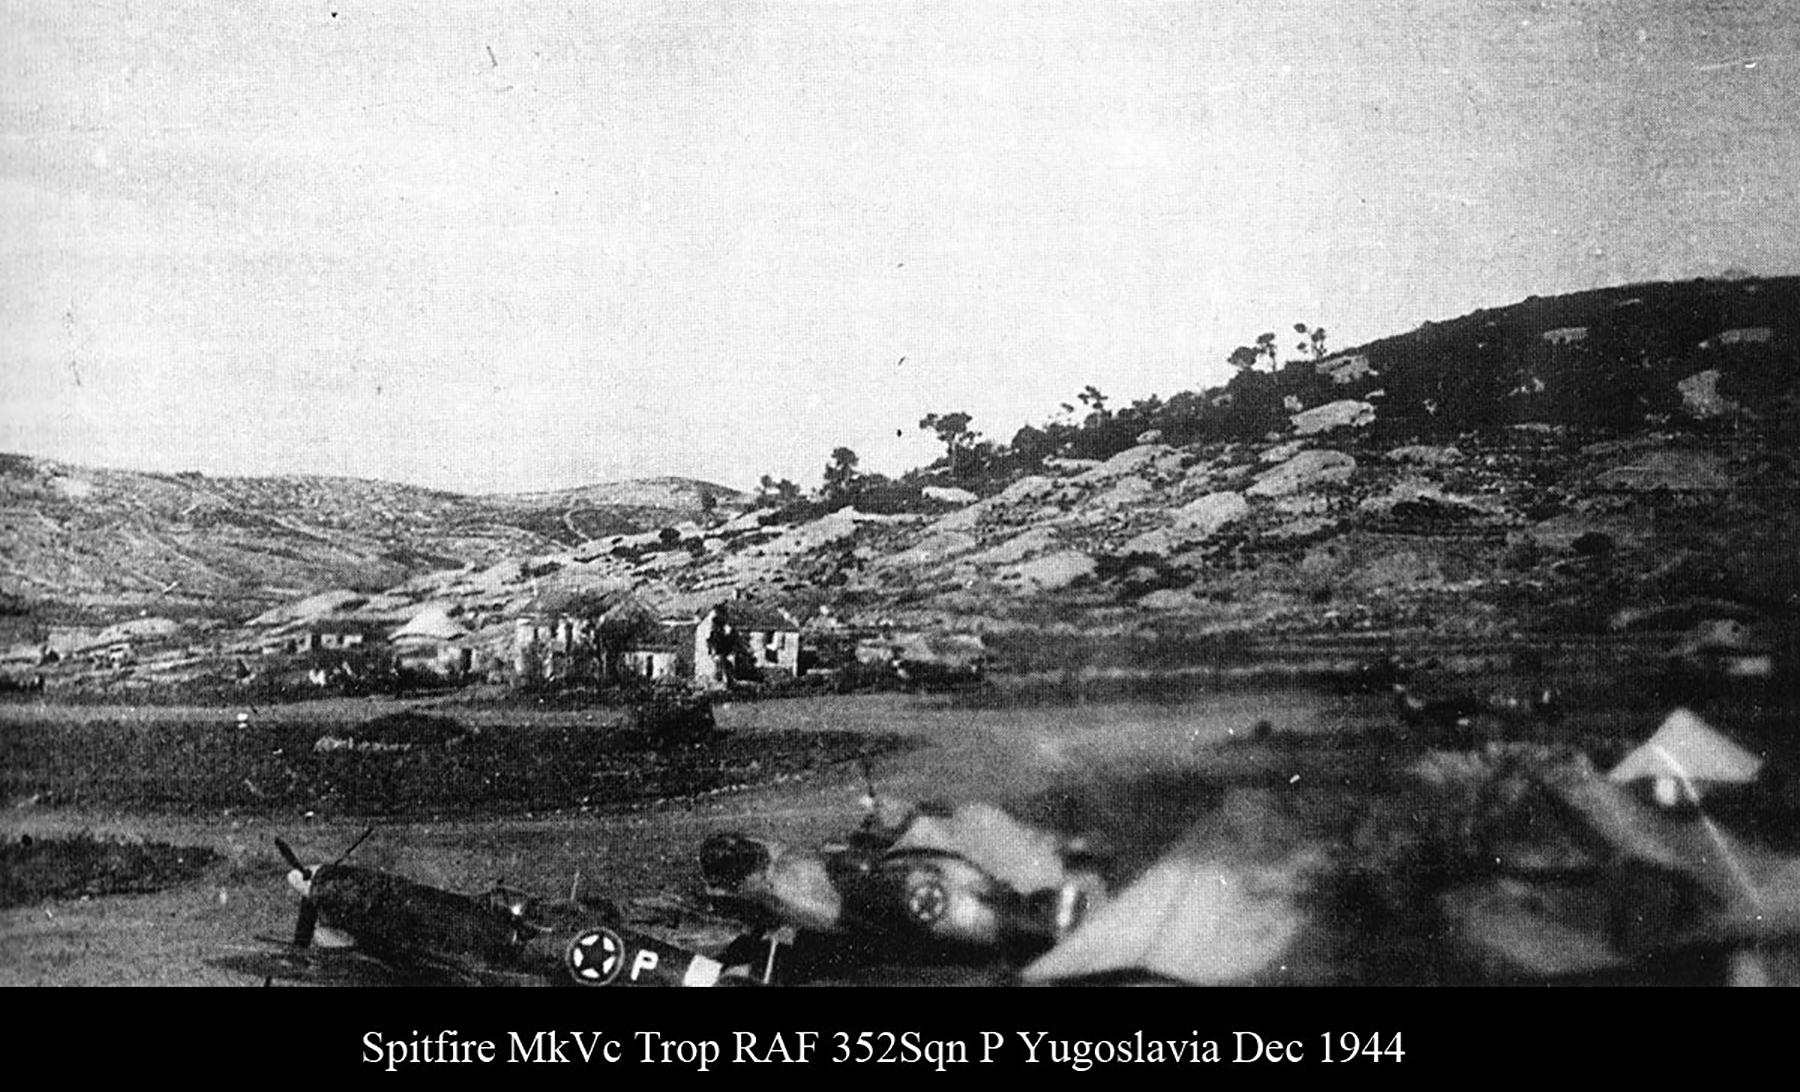 Spitfire MkVcTrop RAF 352Sqn P Yugoslavia Dec 1944 02